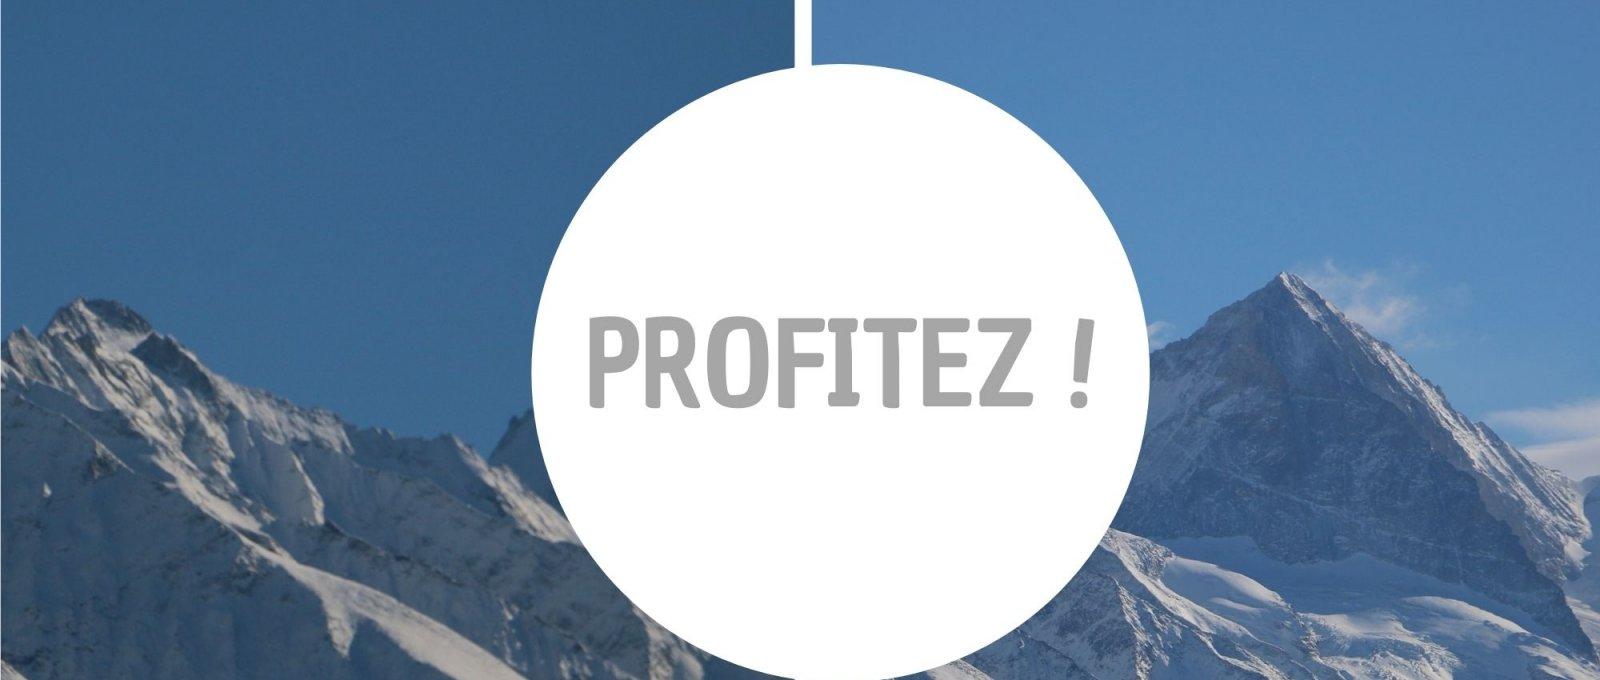 VOS PRIVILEGES  | Pass'Hérens & Cumul'àThyon